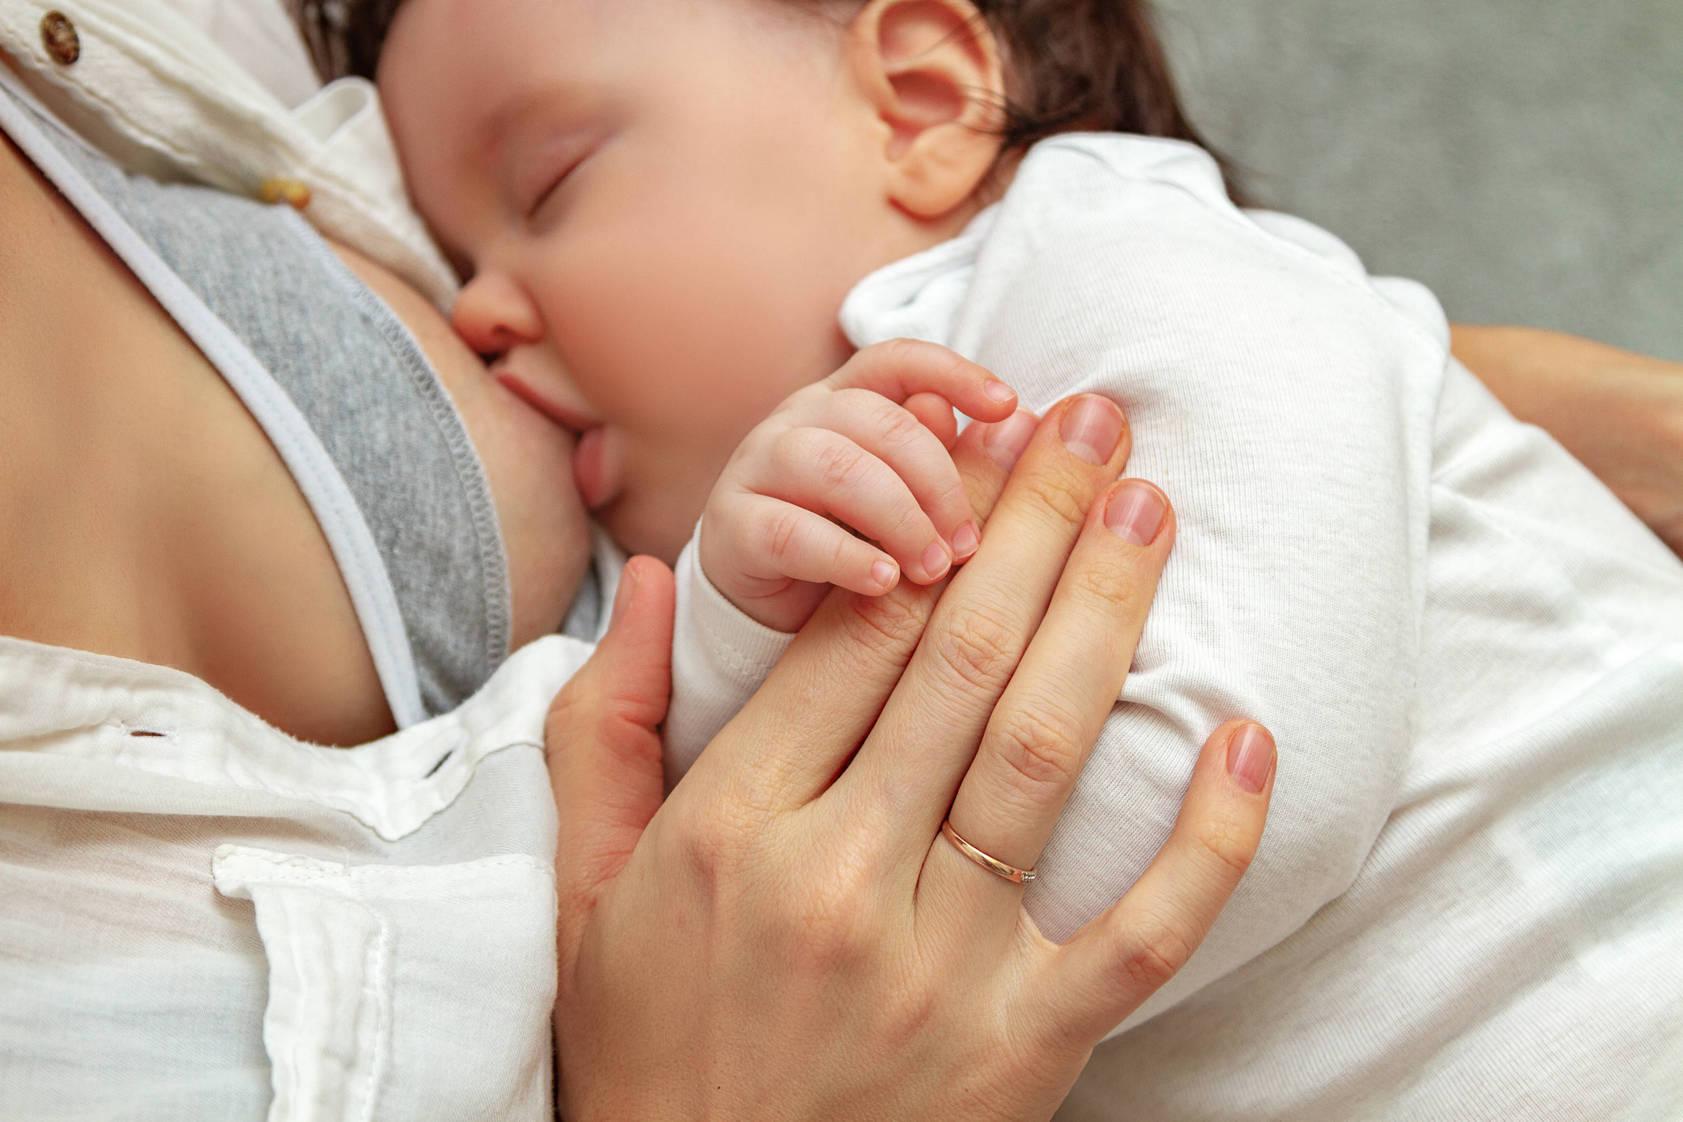 Dojčenie, rady a inšpirácie, čo jesť počas kojenia